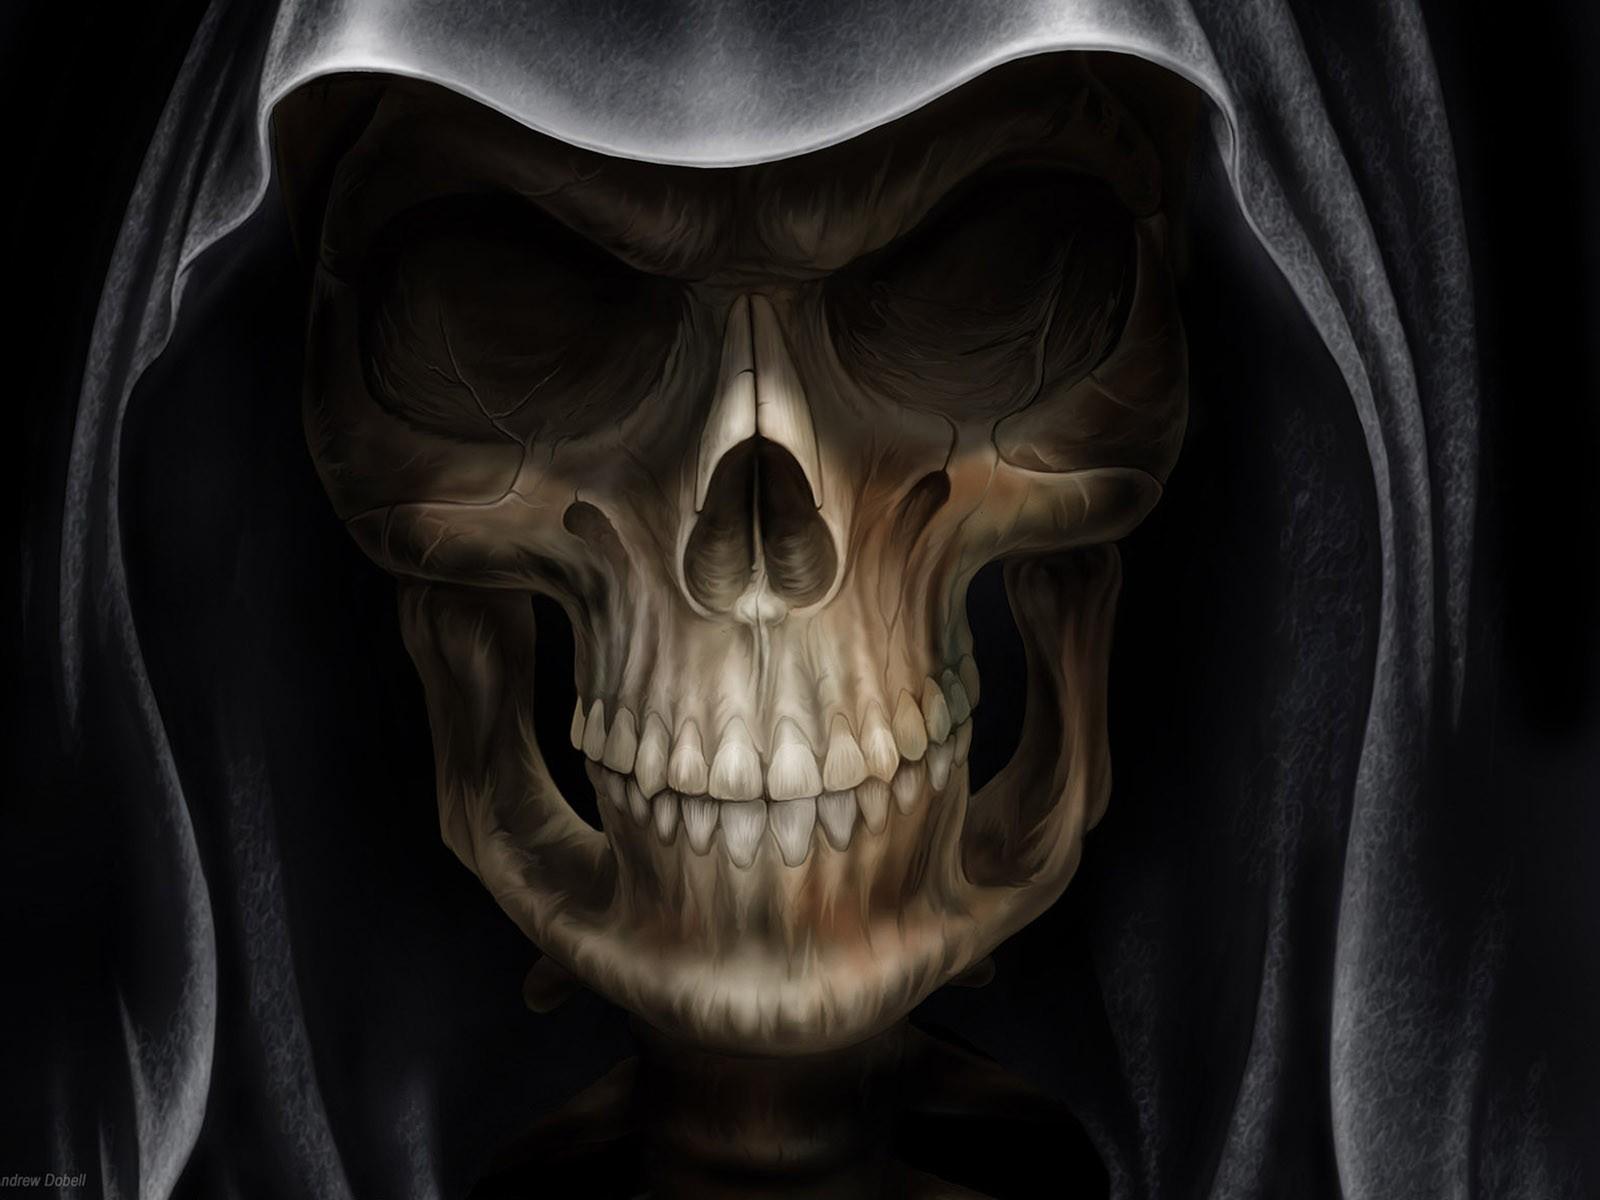 http://4.bp.blogspot.com/-o-u7XOr22mg/Tq2R5QWbEQI/AAAAAAAAA2g/8Gk7ZexVtb4/s1600/death.jpg